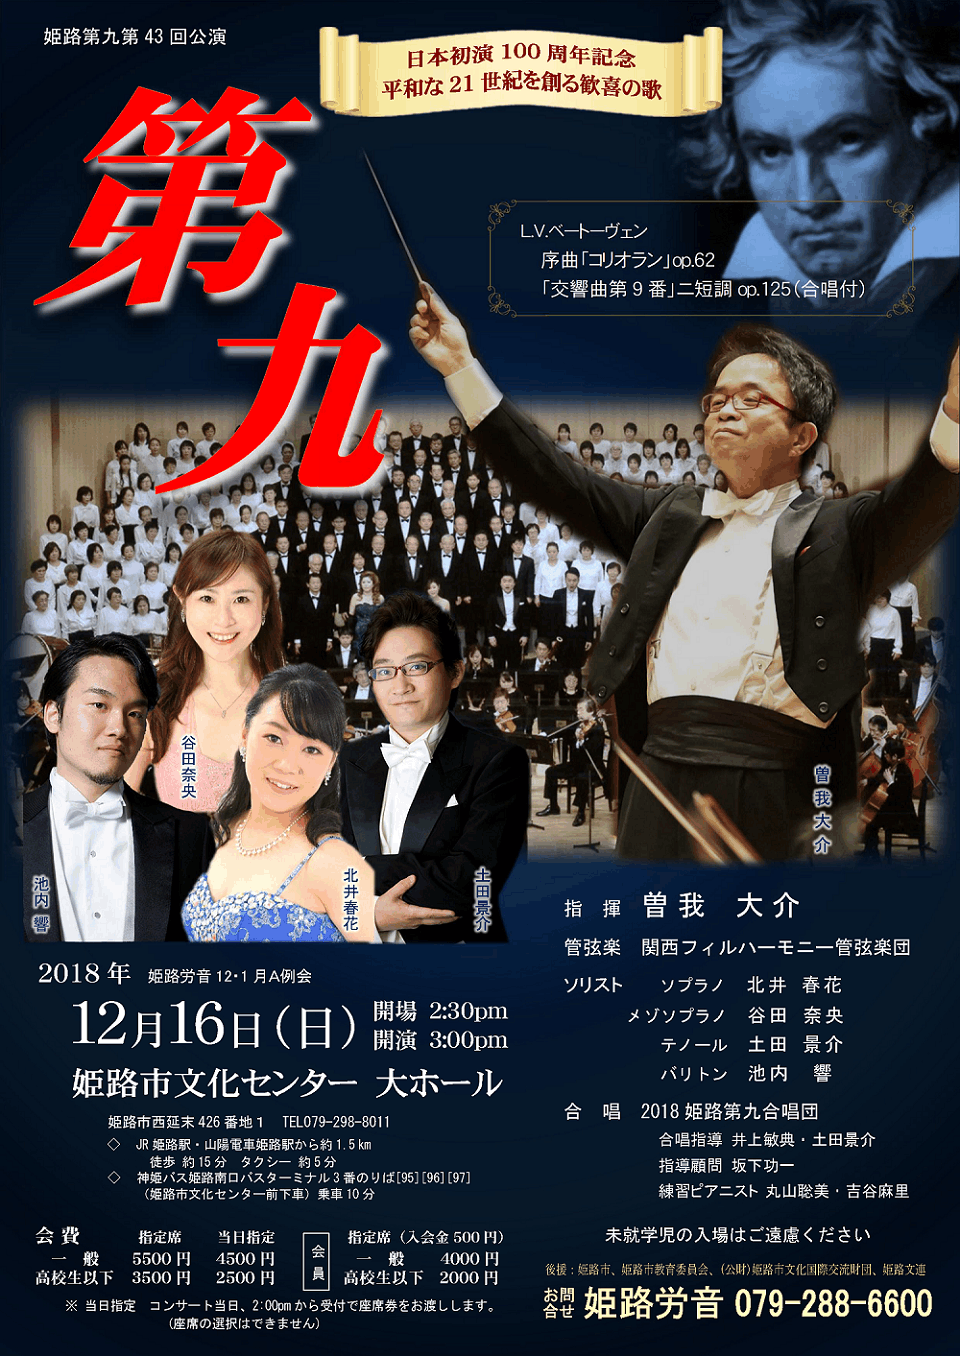 2018年「L.Vベートーヴェン第九交響曲」姫路第九第43回公演のお知らせ